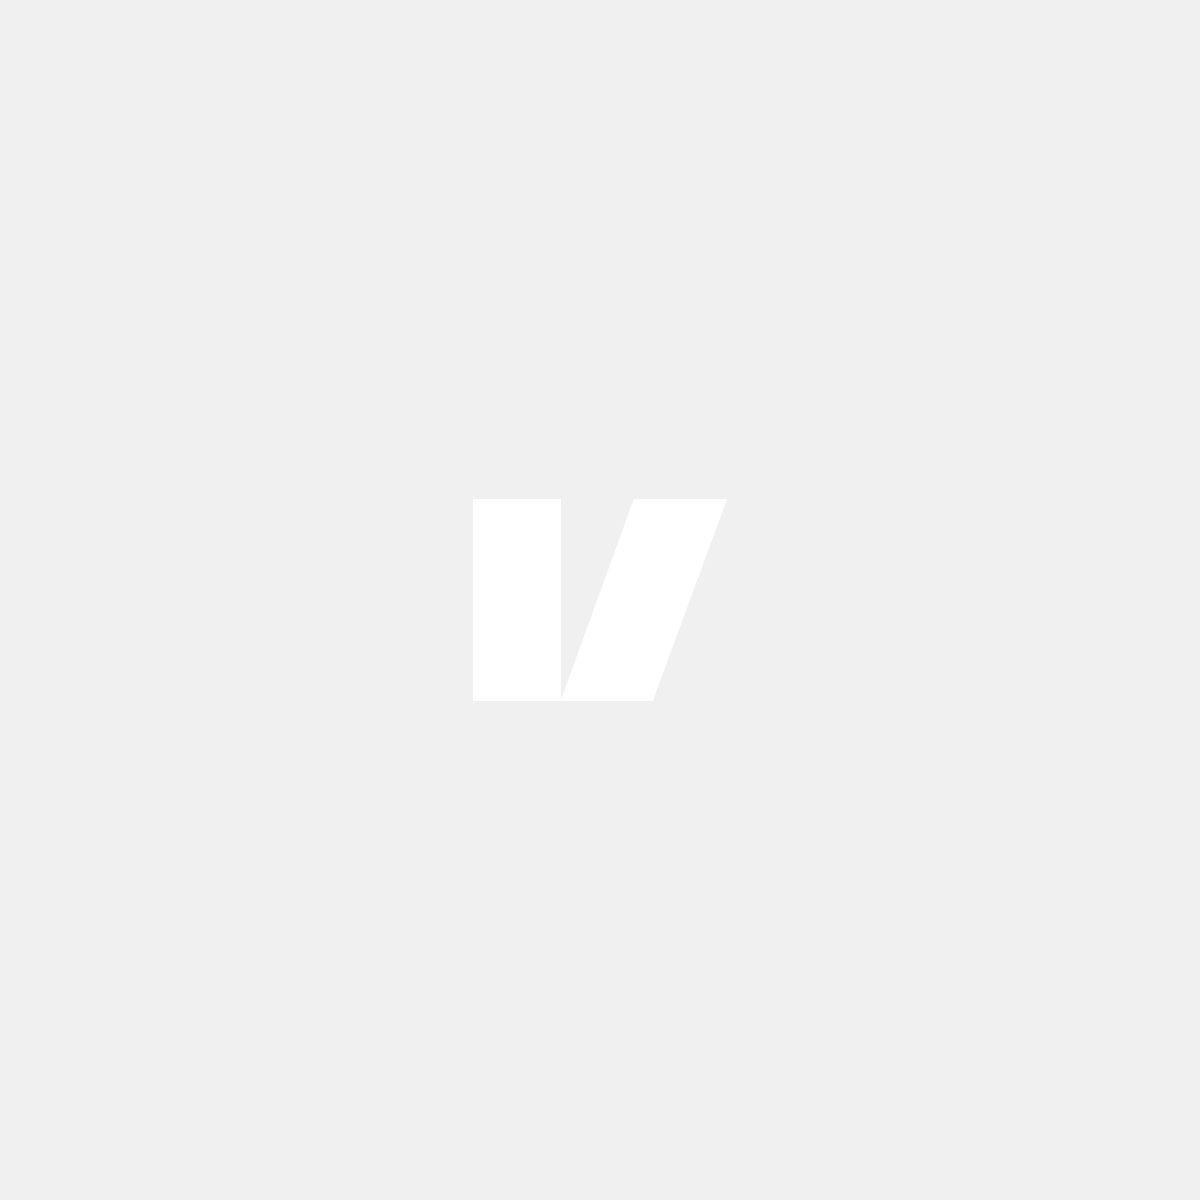 Sänkningssats Volvo S80 06-16, 55/40mm